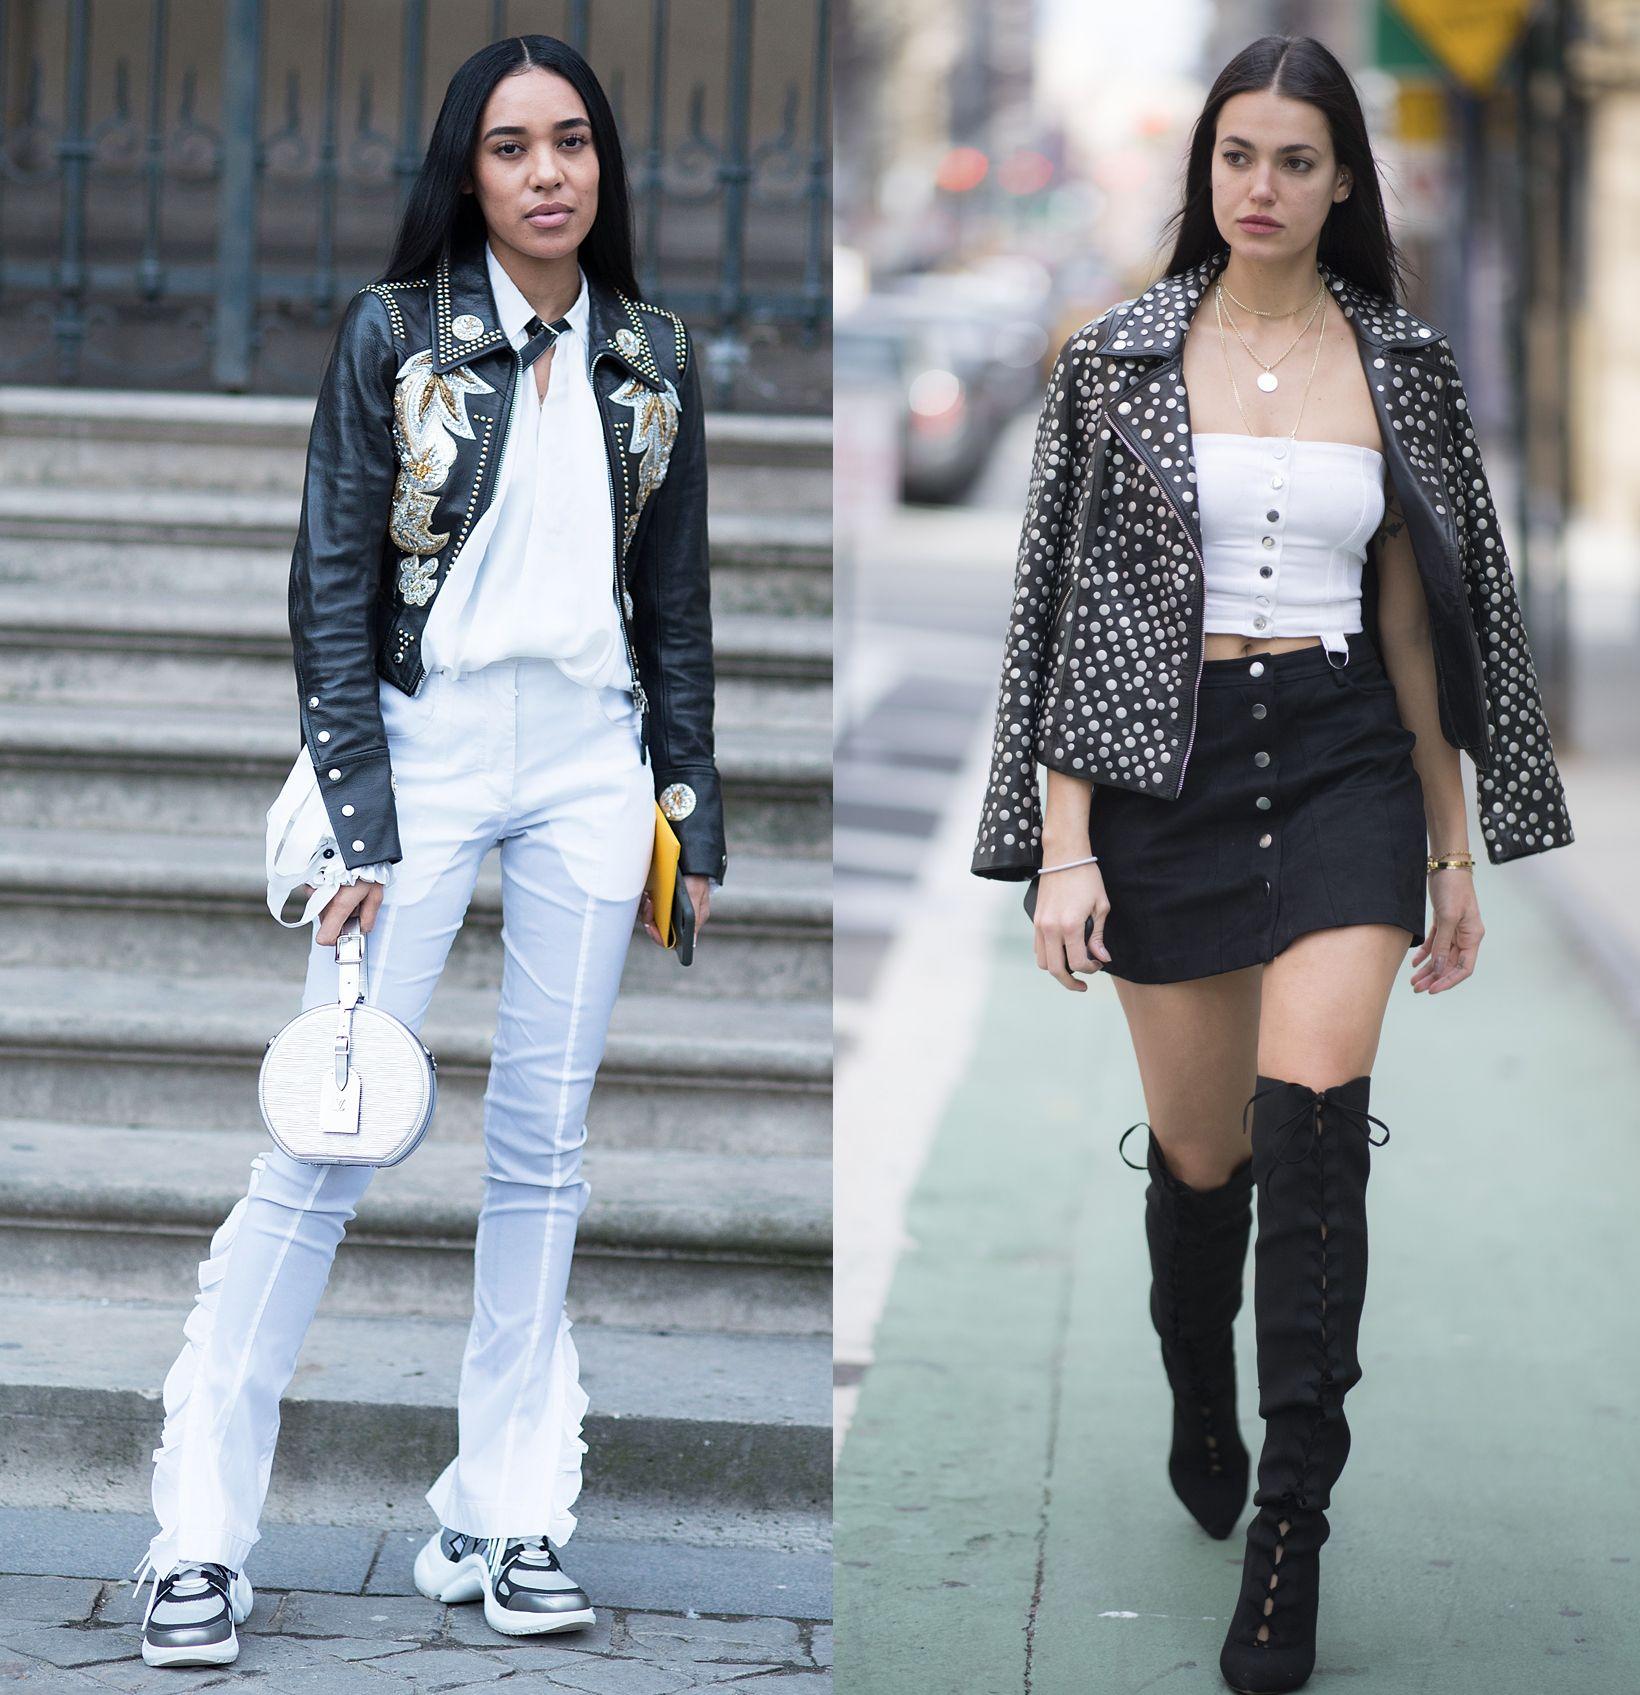 La giacca di pelle è il capospalla perfetto per la primavera estate 2018, guarda le immagini della gallery e scopri gli outfit più trendy e come abbinare la giacca di pelle per essere chic e glam.